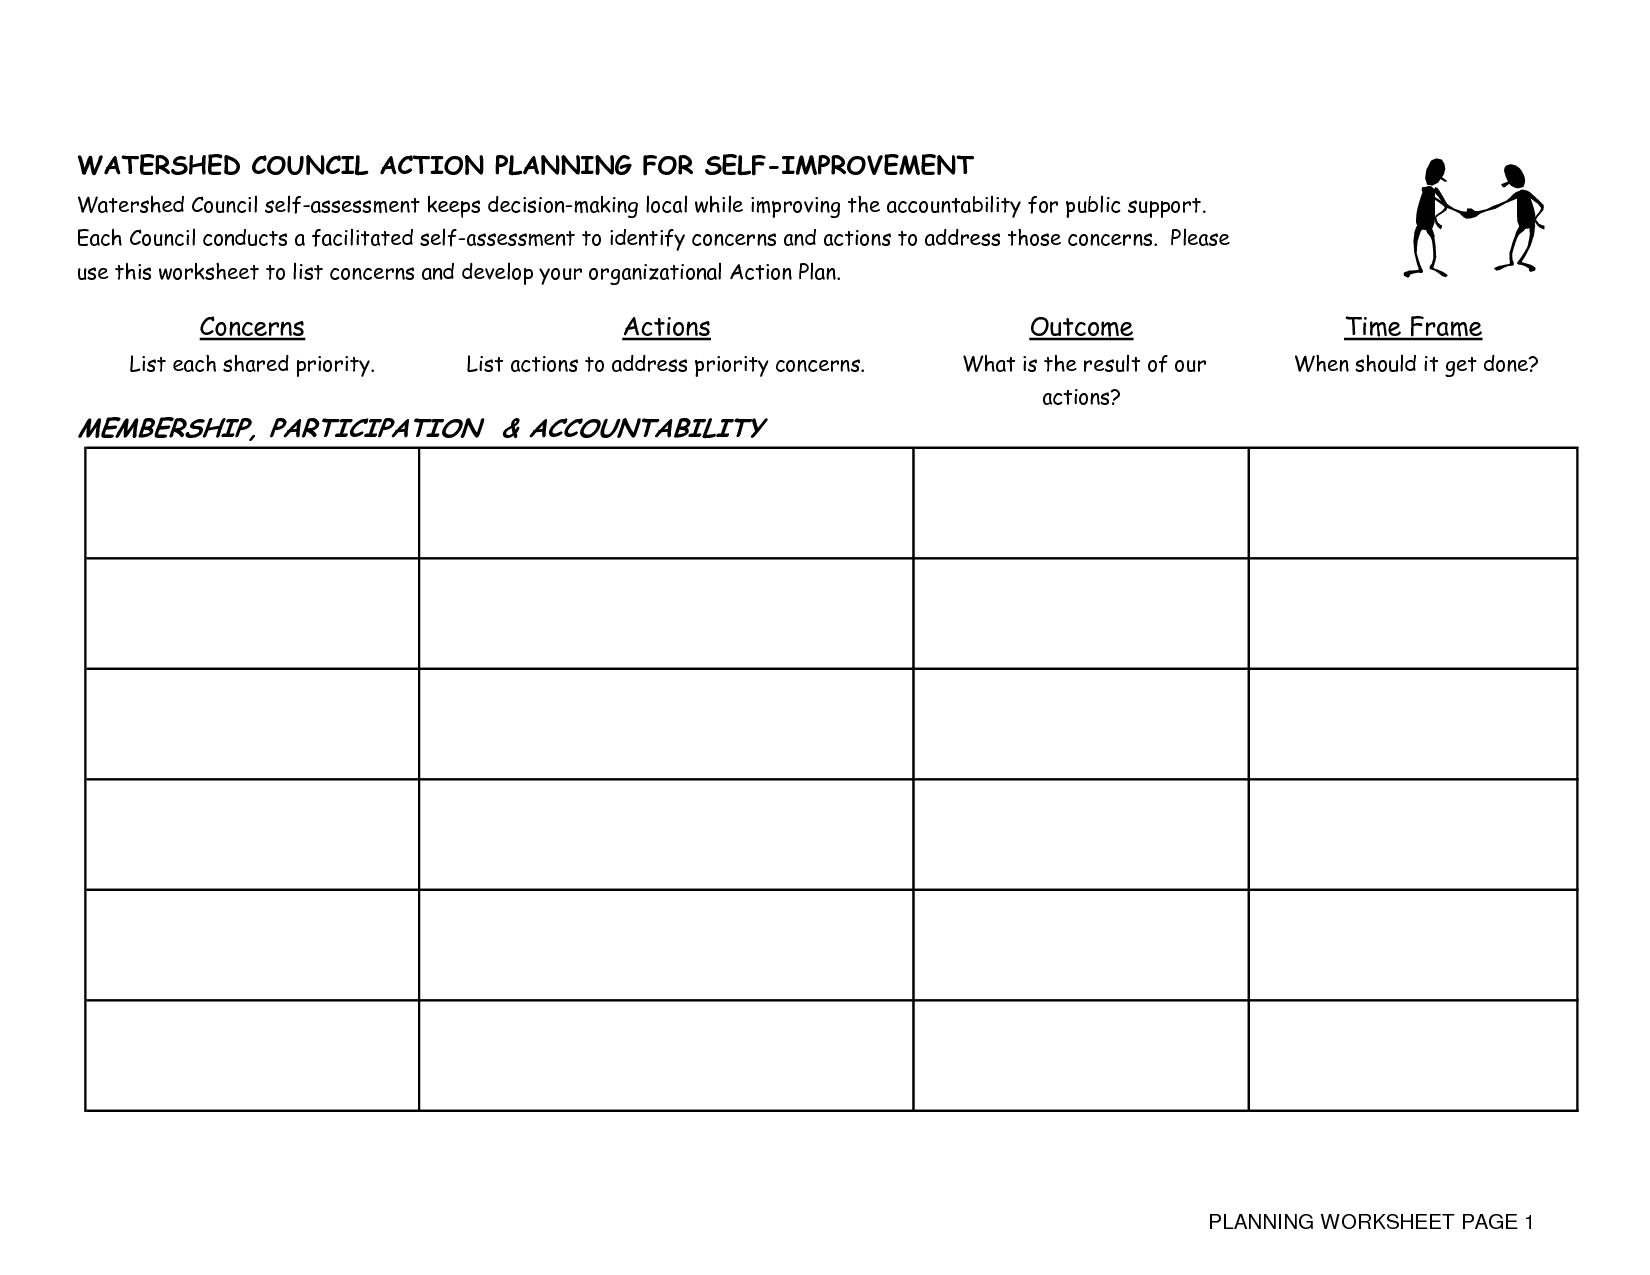 worksheet template word